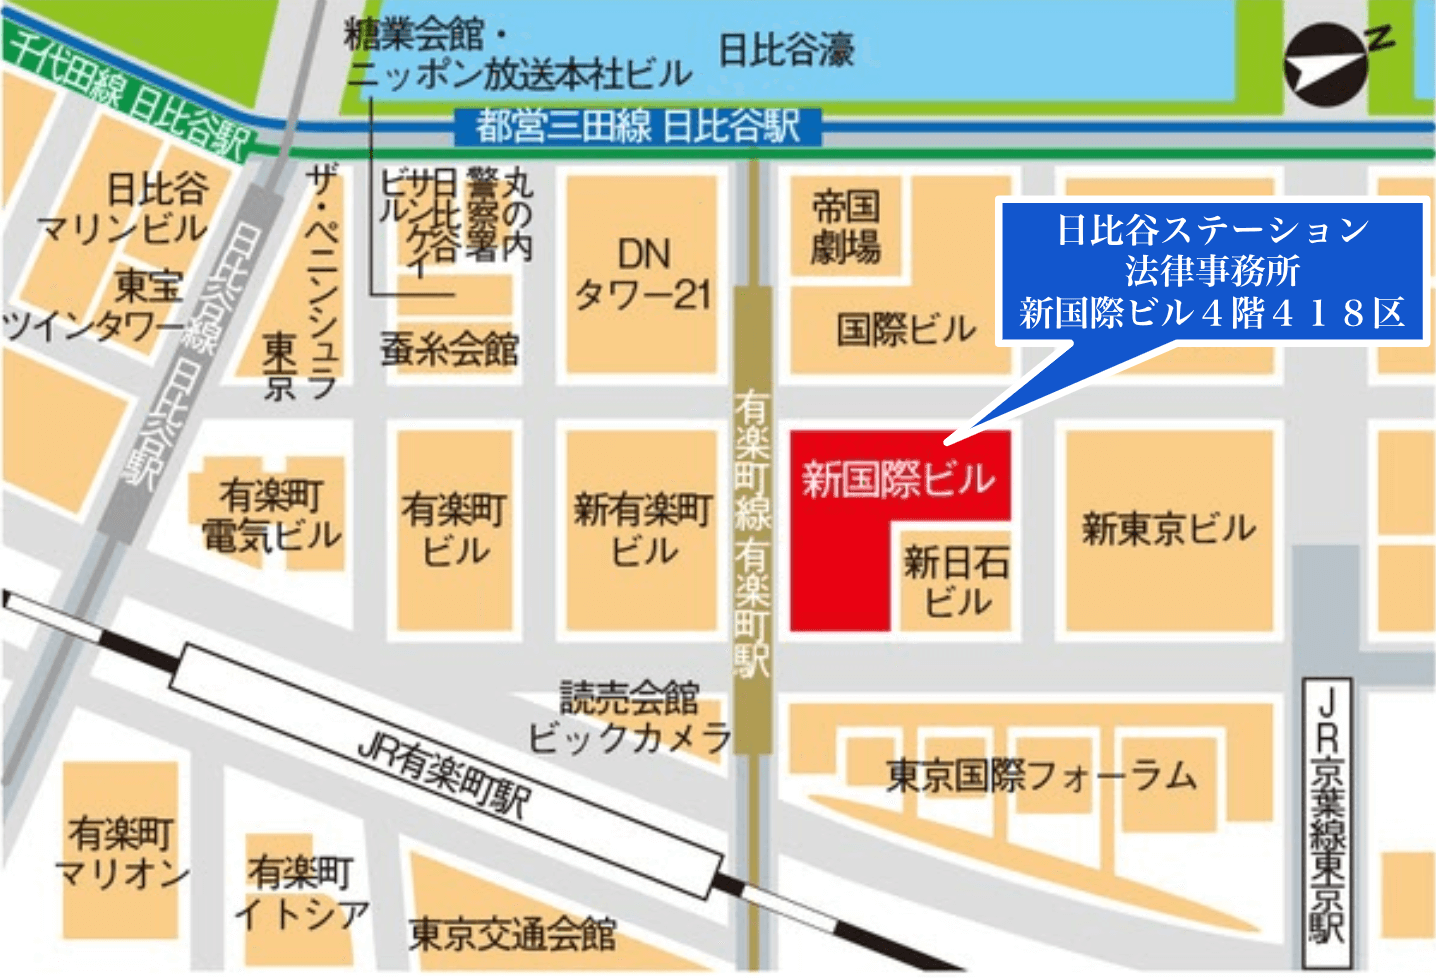 日比谷ステーション法律事務所の地図